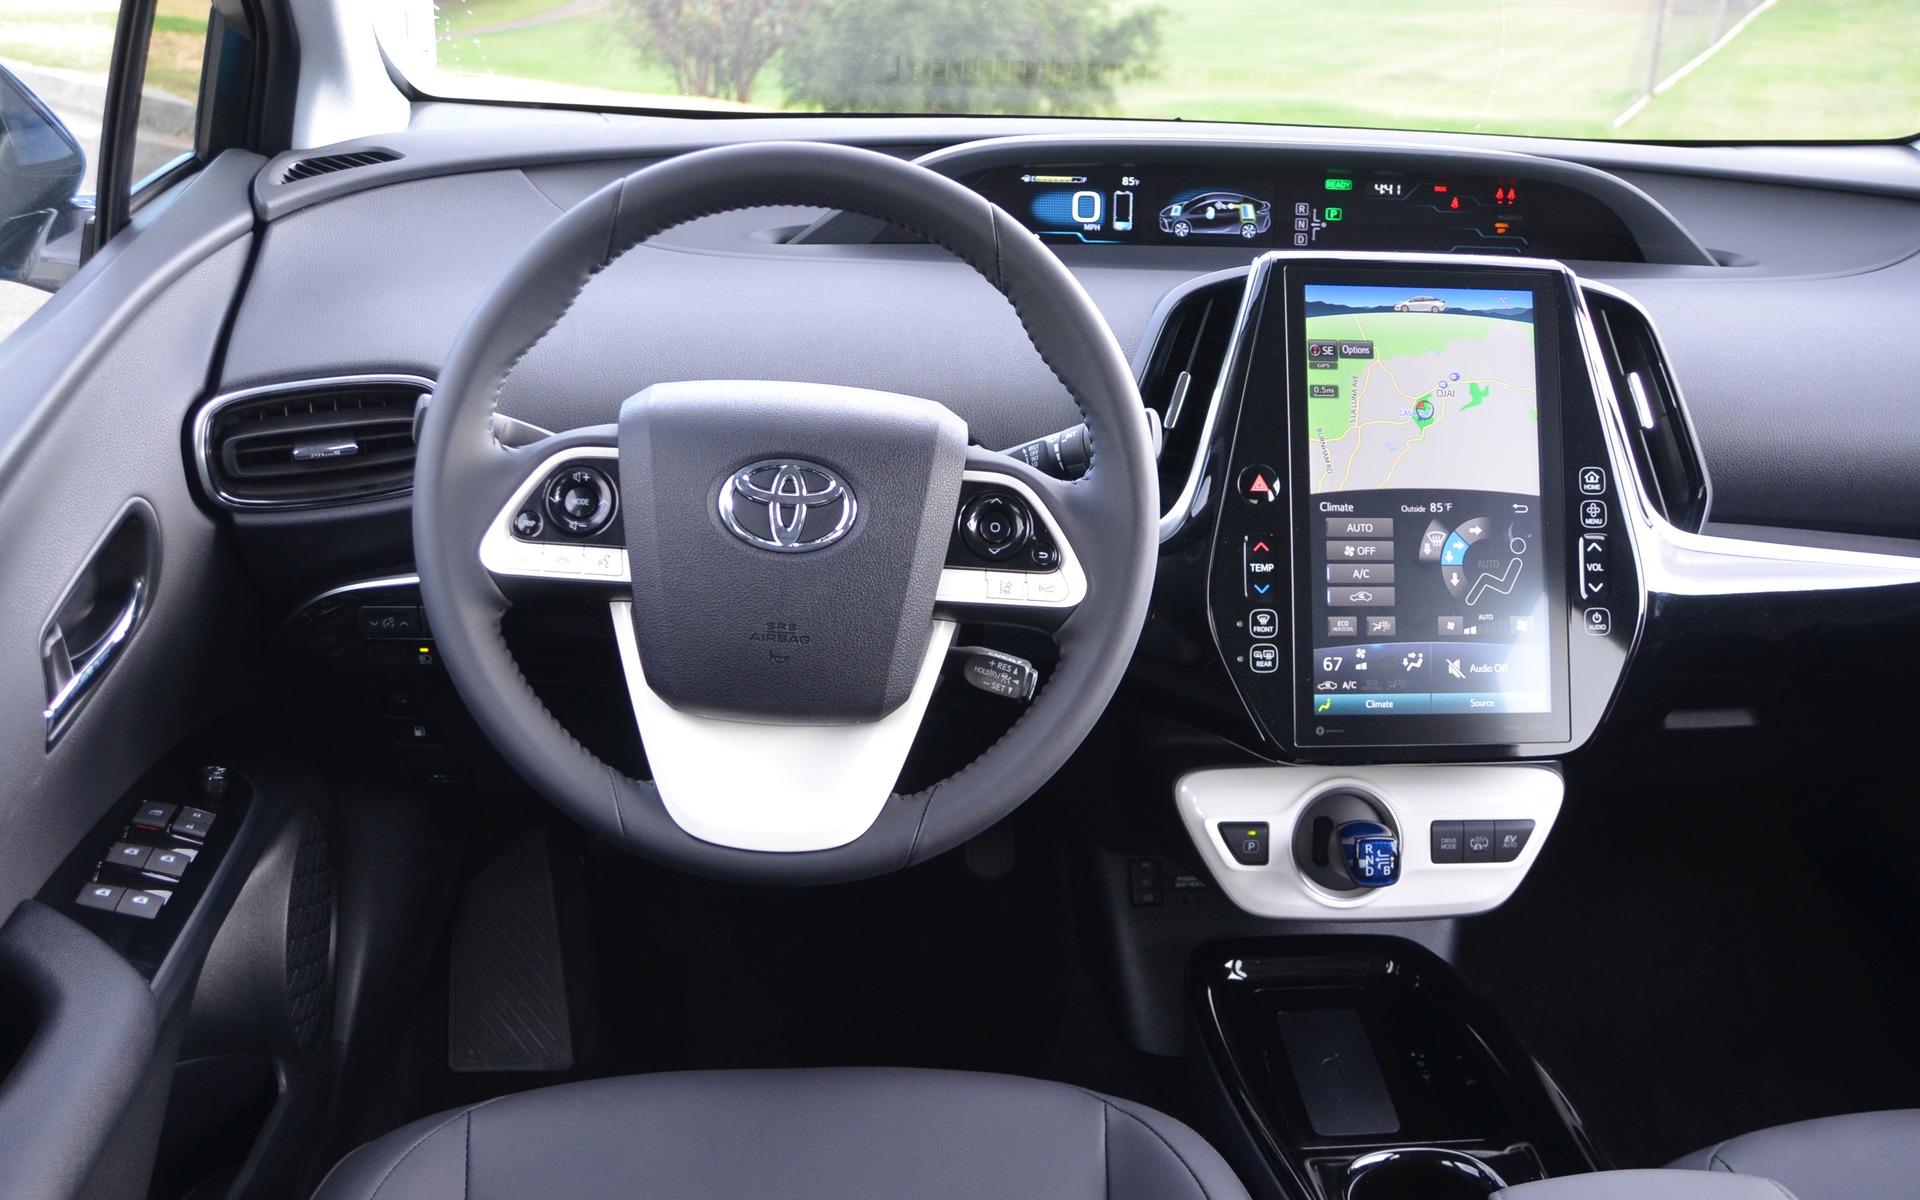 Used Toyota Prius >> 2017 Toyota Prius Prime: Beyond the Looks… - 3/24